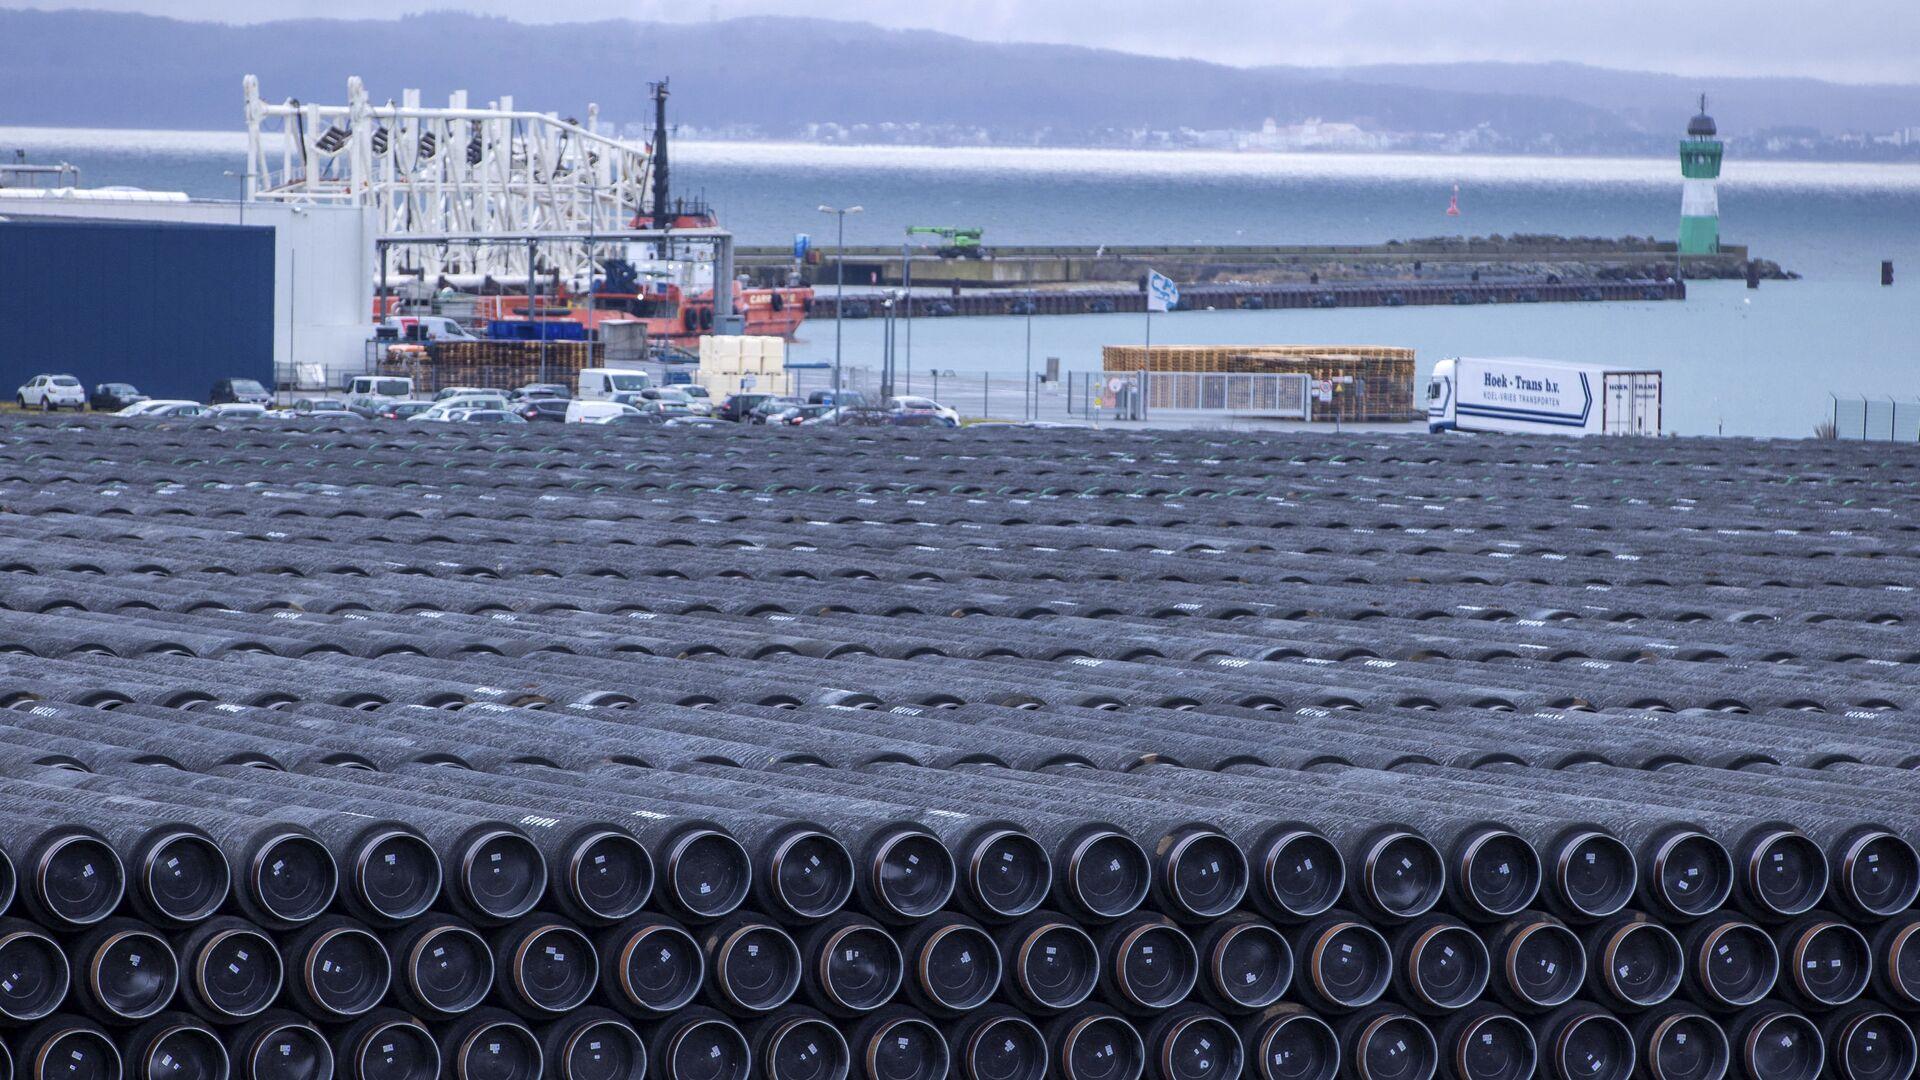 Rury do budowy gazociągu Nord Stream 2 w porcie Mukran w Sassnitz w Niemczech - Sputnik Polska, 1920, 29.03.2021